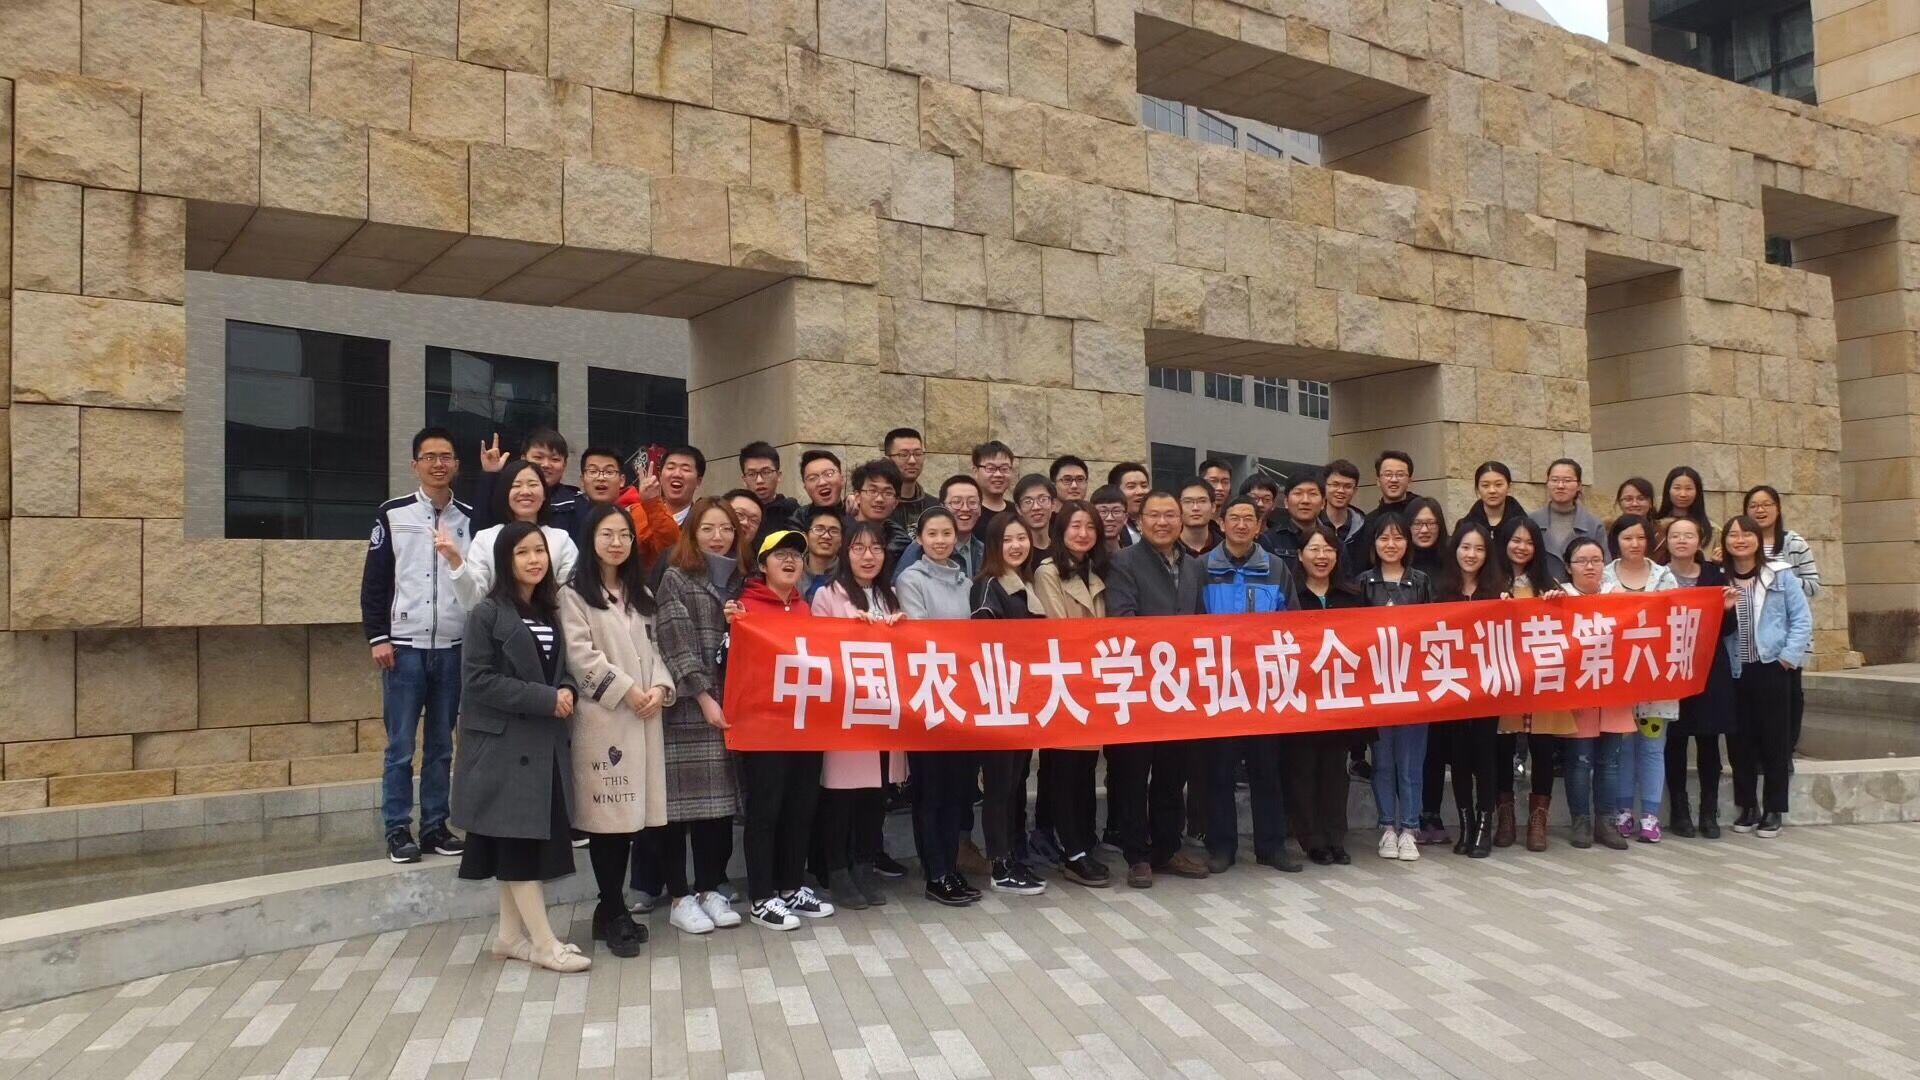 弘成教育IT實訓與中國農業大學 企業實訓再創突破